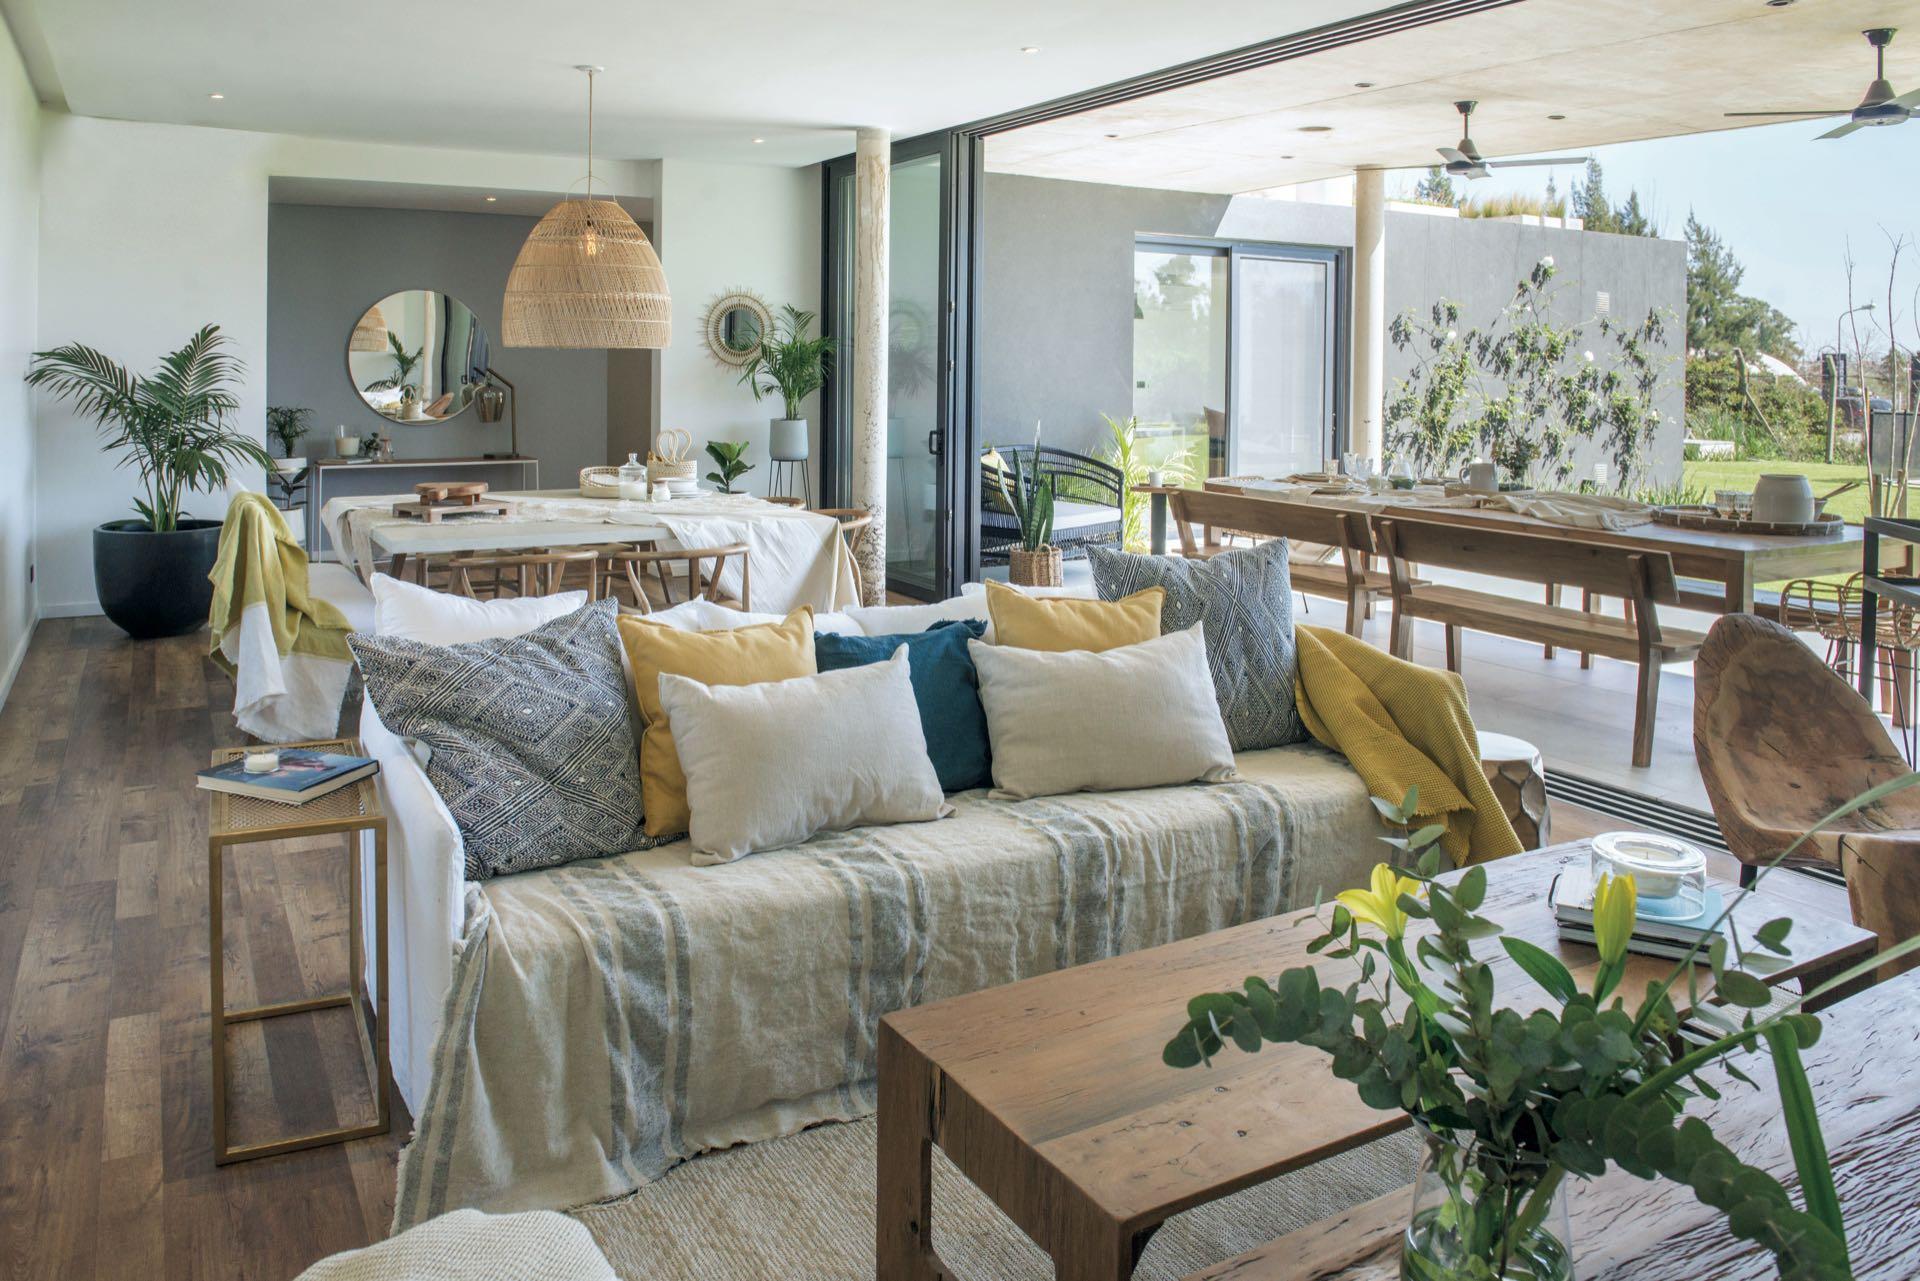 Recorré esta casa ecológica llena de estilo y canchera